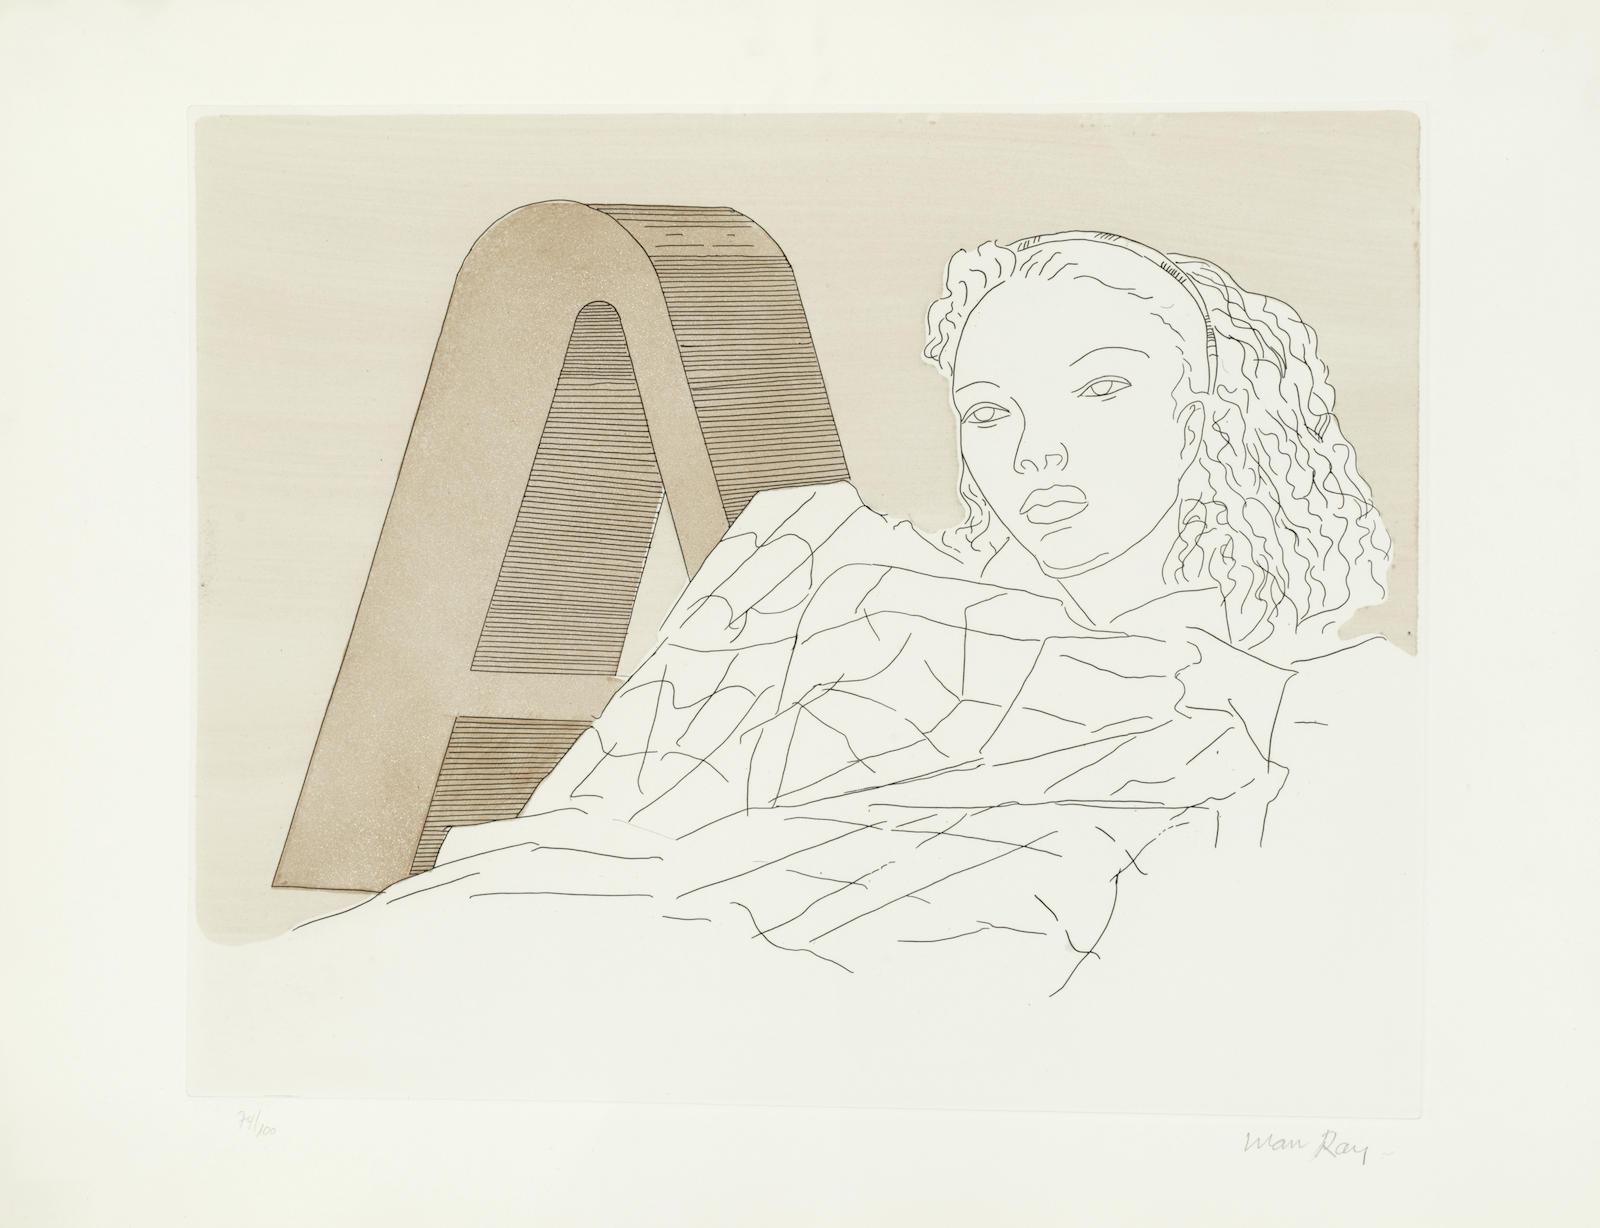 Man Ray-L'A; Kiki-1971